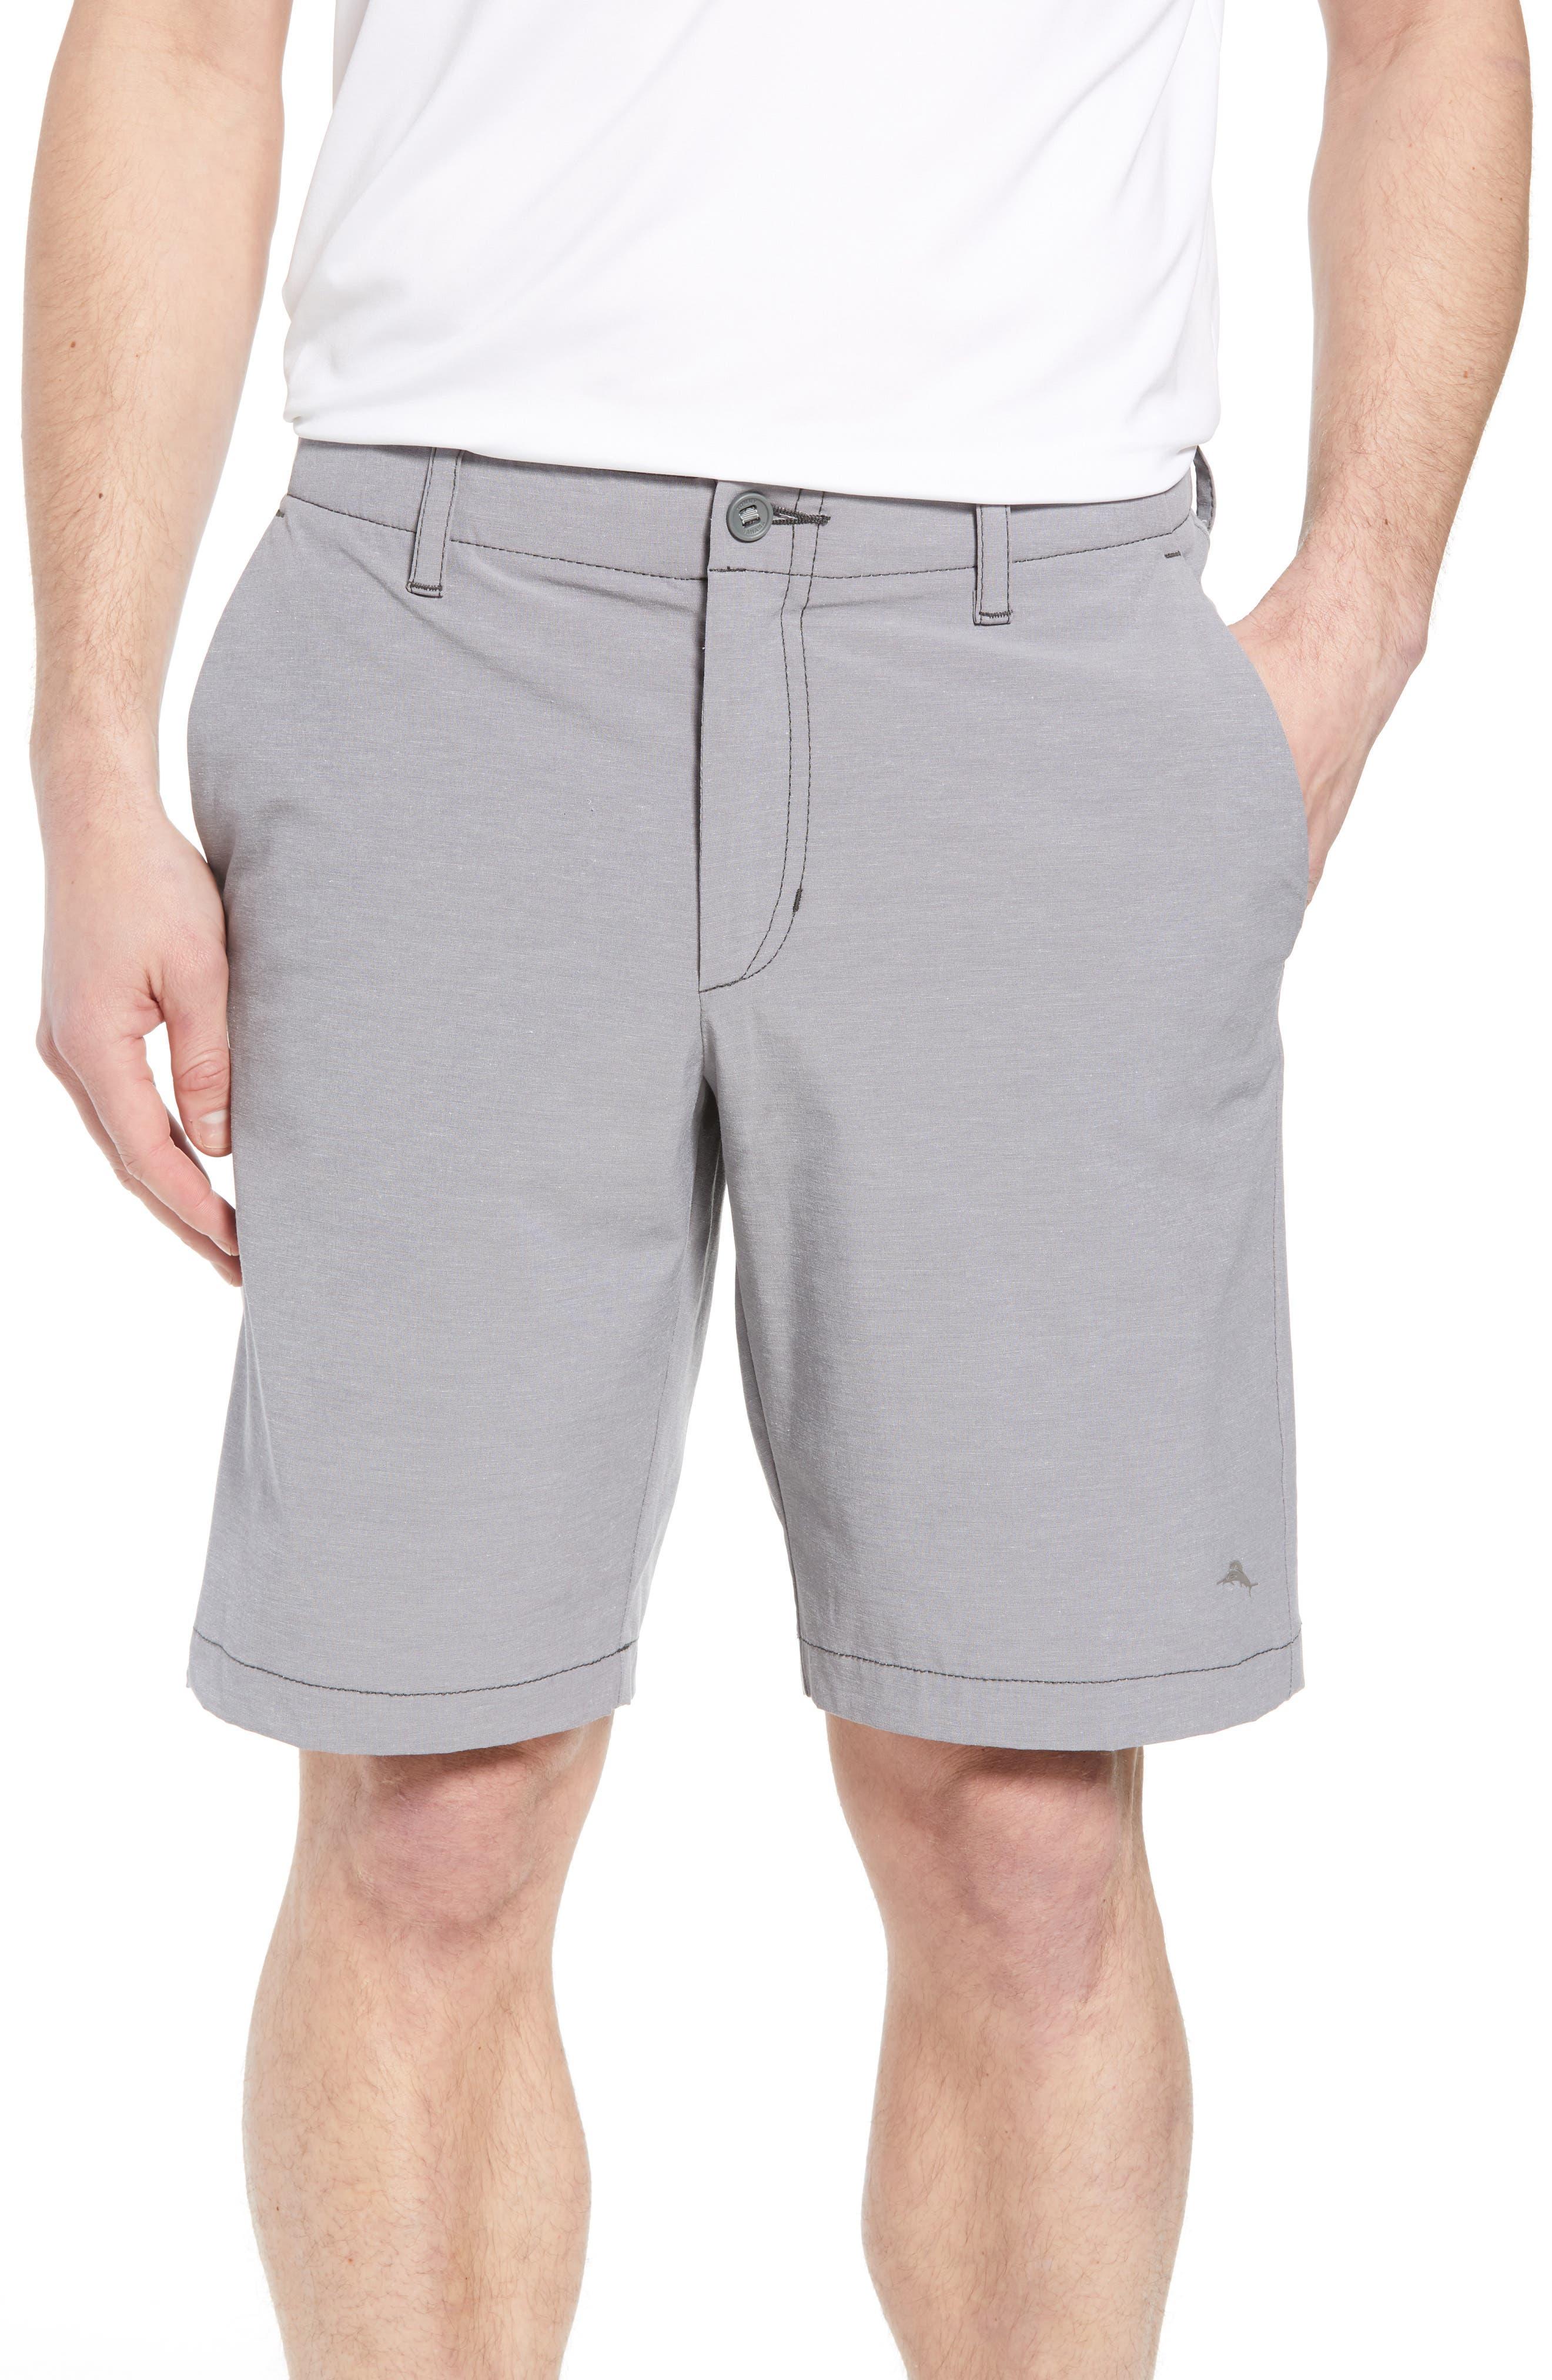 Chip & Run Shorts,                             Main thumbnail 1, color,                             Storm Gray